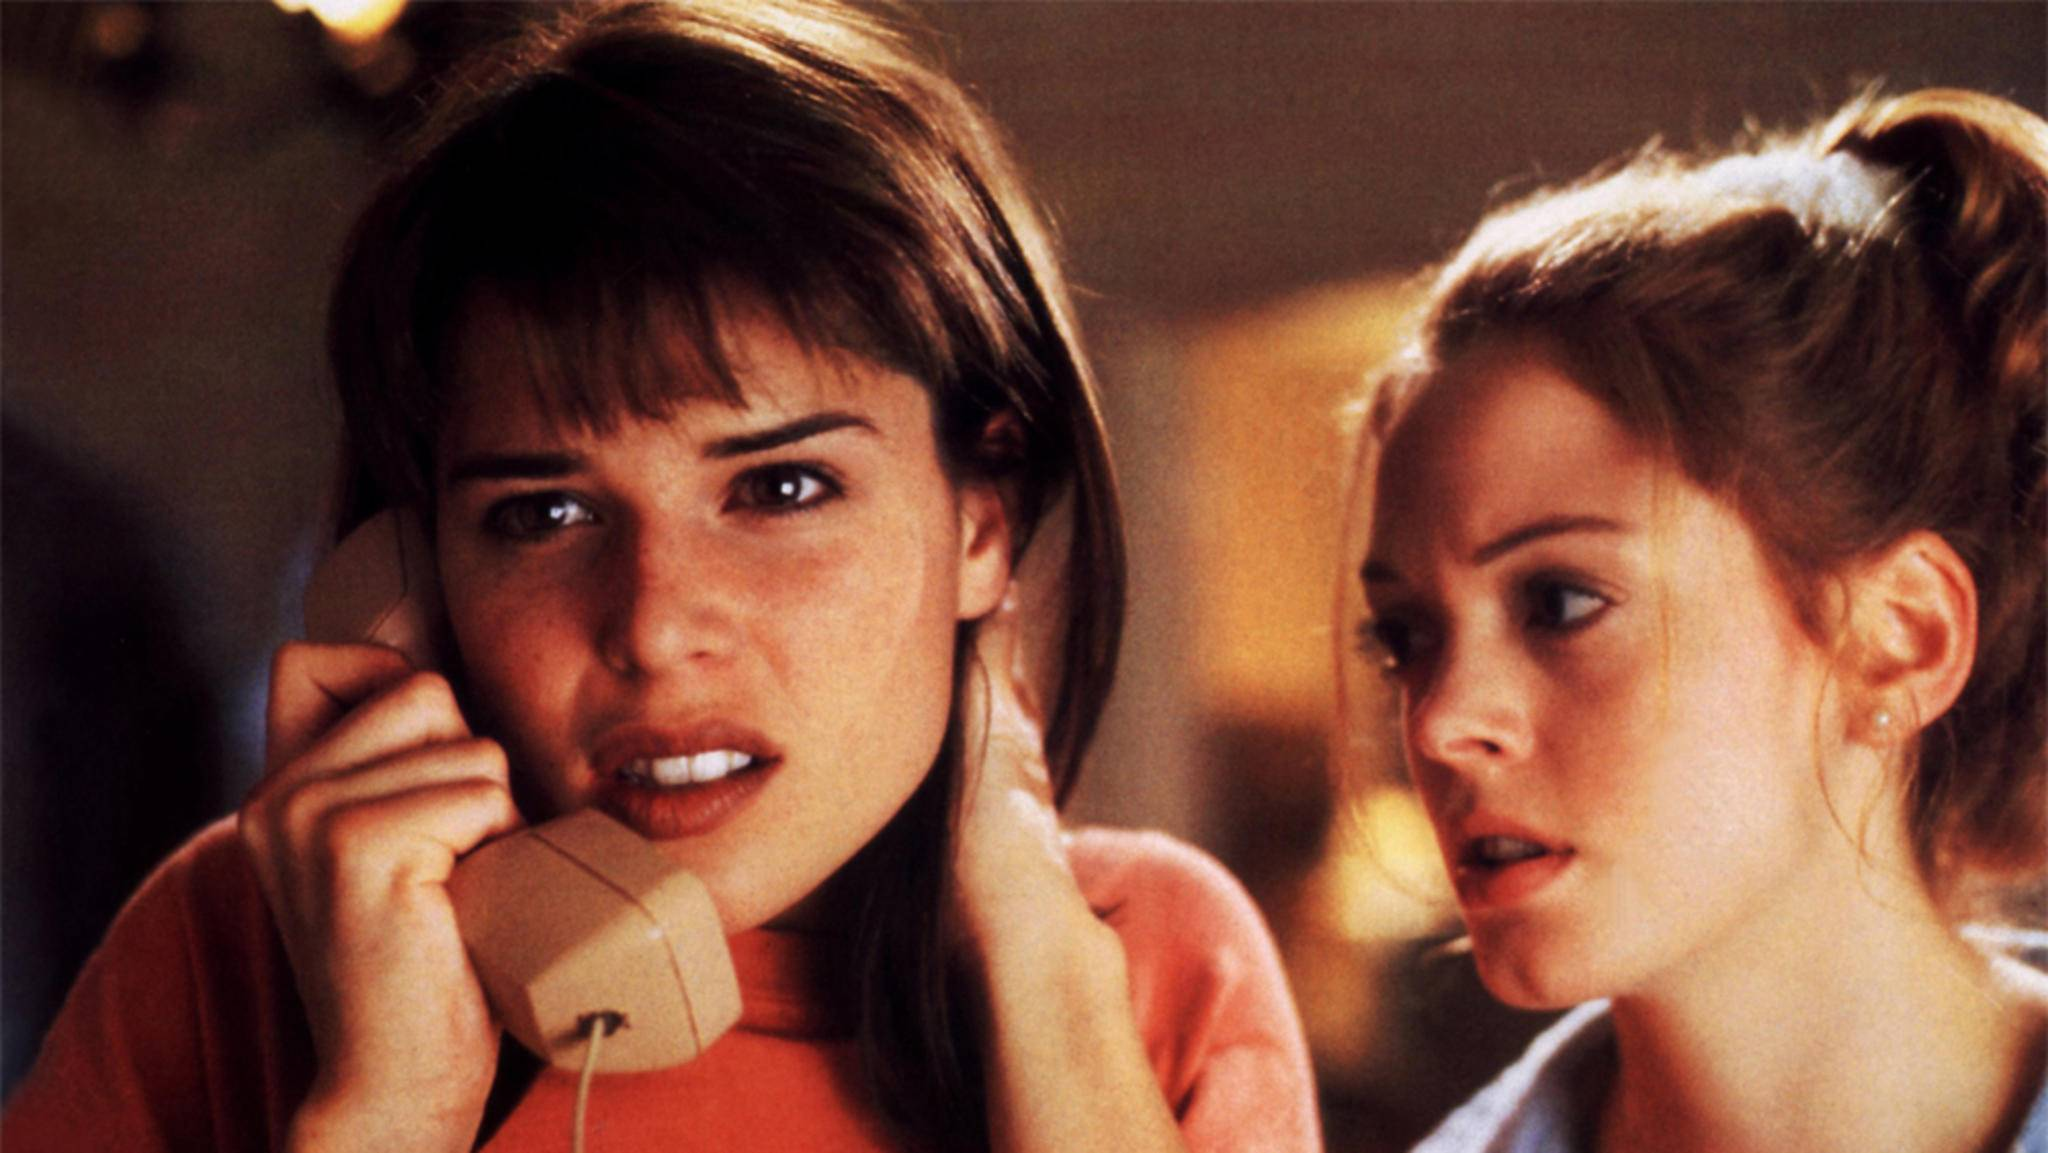 """Ein Anruf aus dem Jahr 1997? Auch """"Scream"""" kam schon vor zwei Jahrzehnten in die deutschen Kinos."""